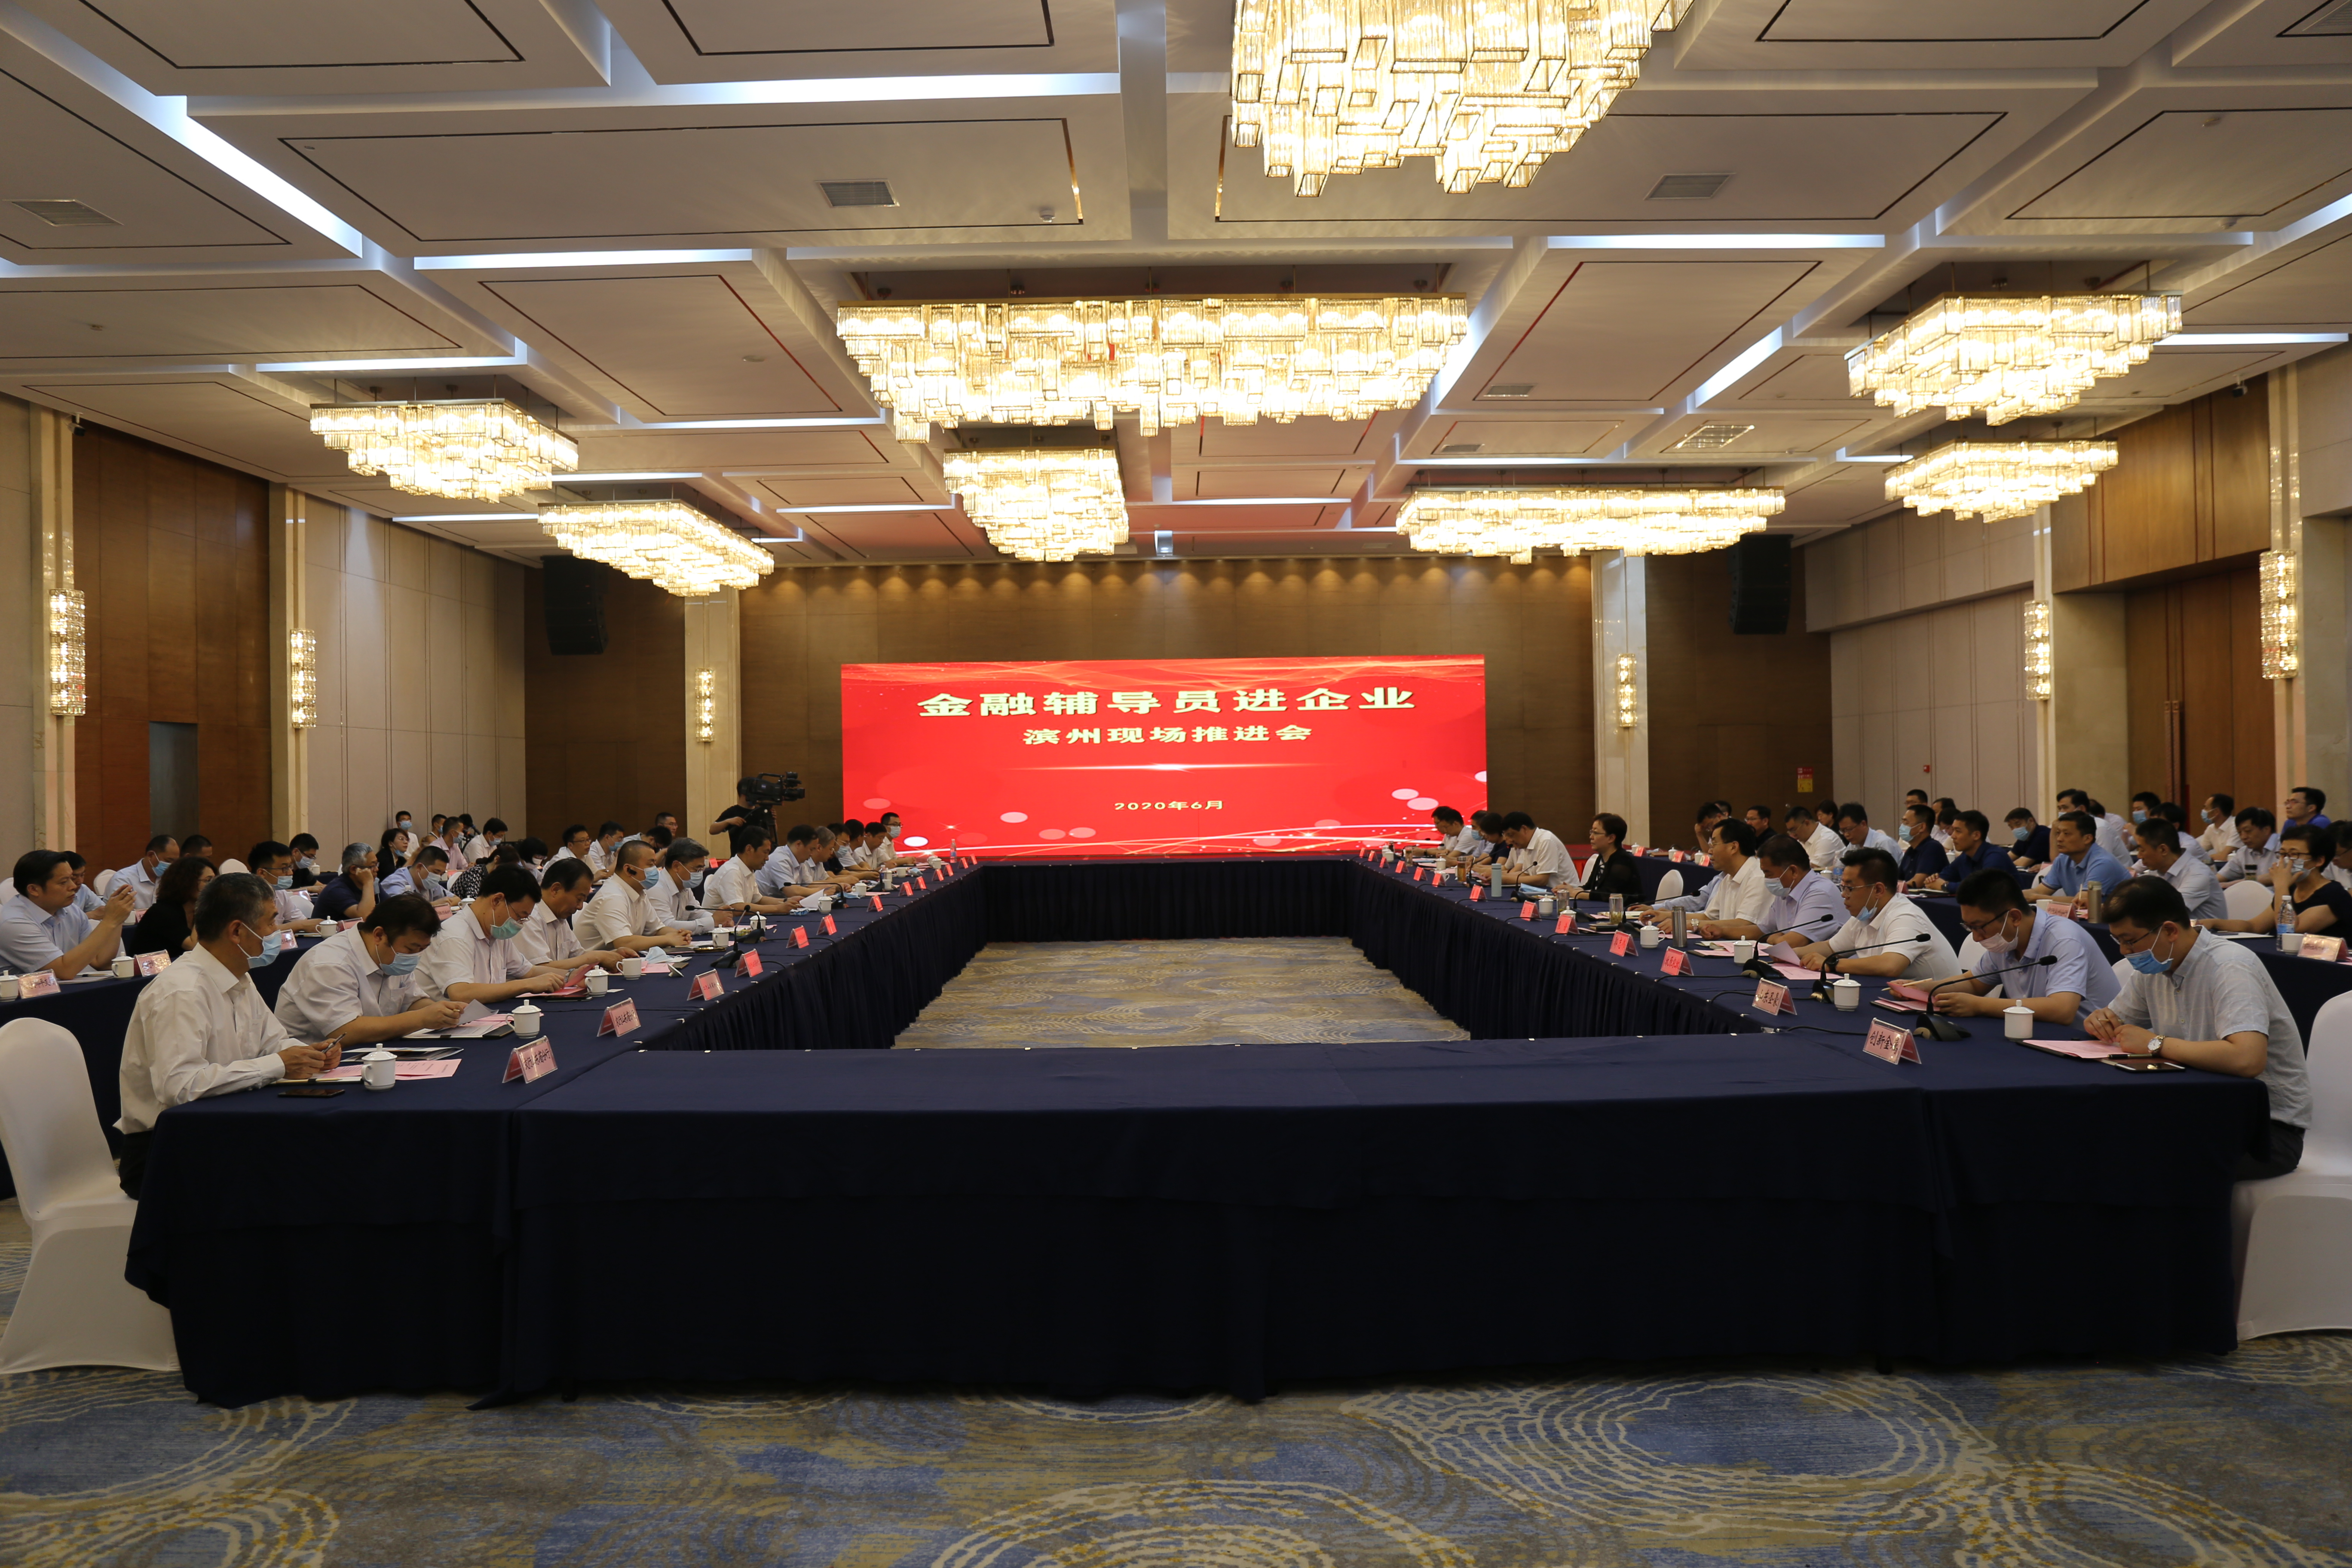 滨州市106支金融辅导队为1335家企业提供金融全方位辅导支持